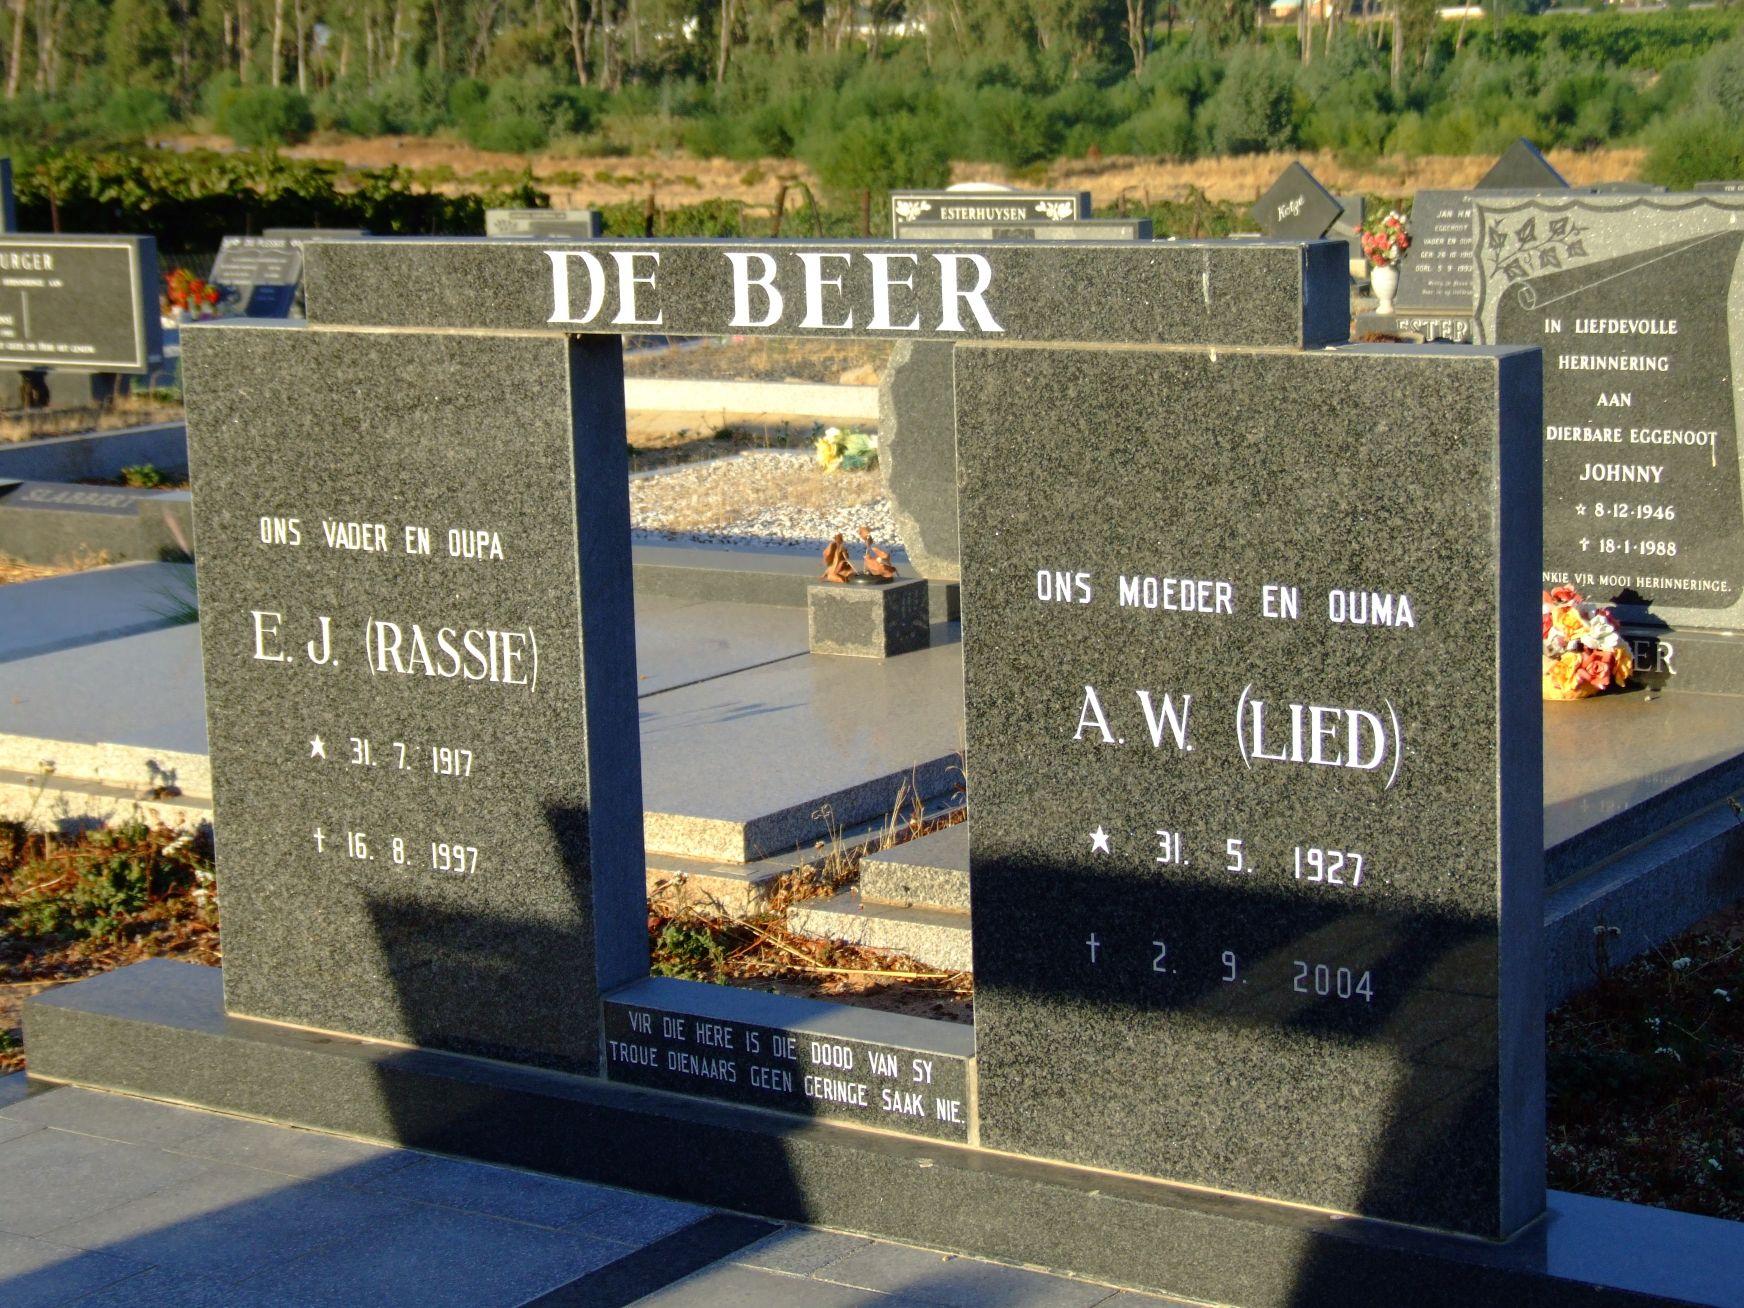 De Beer, E J and De Beer A W